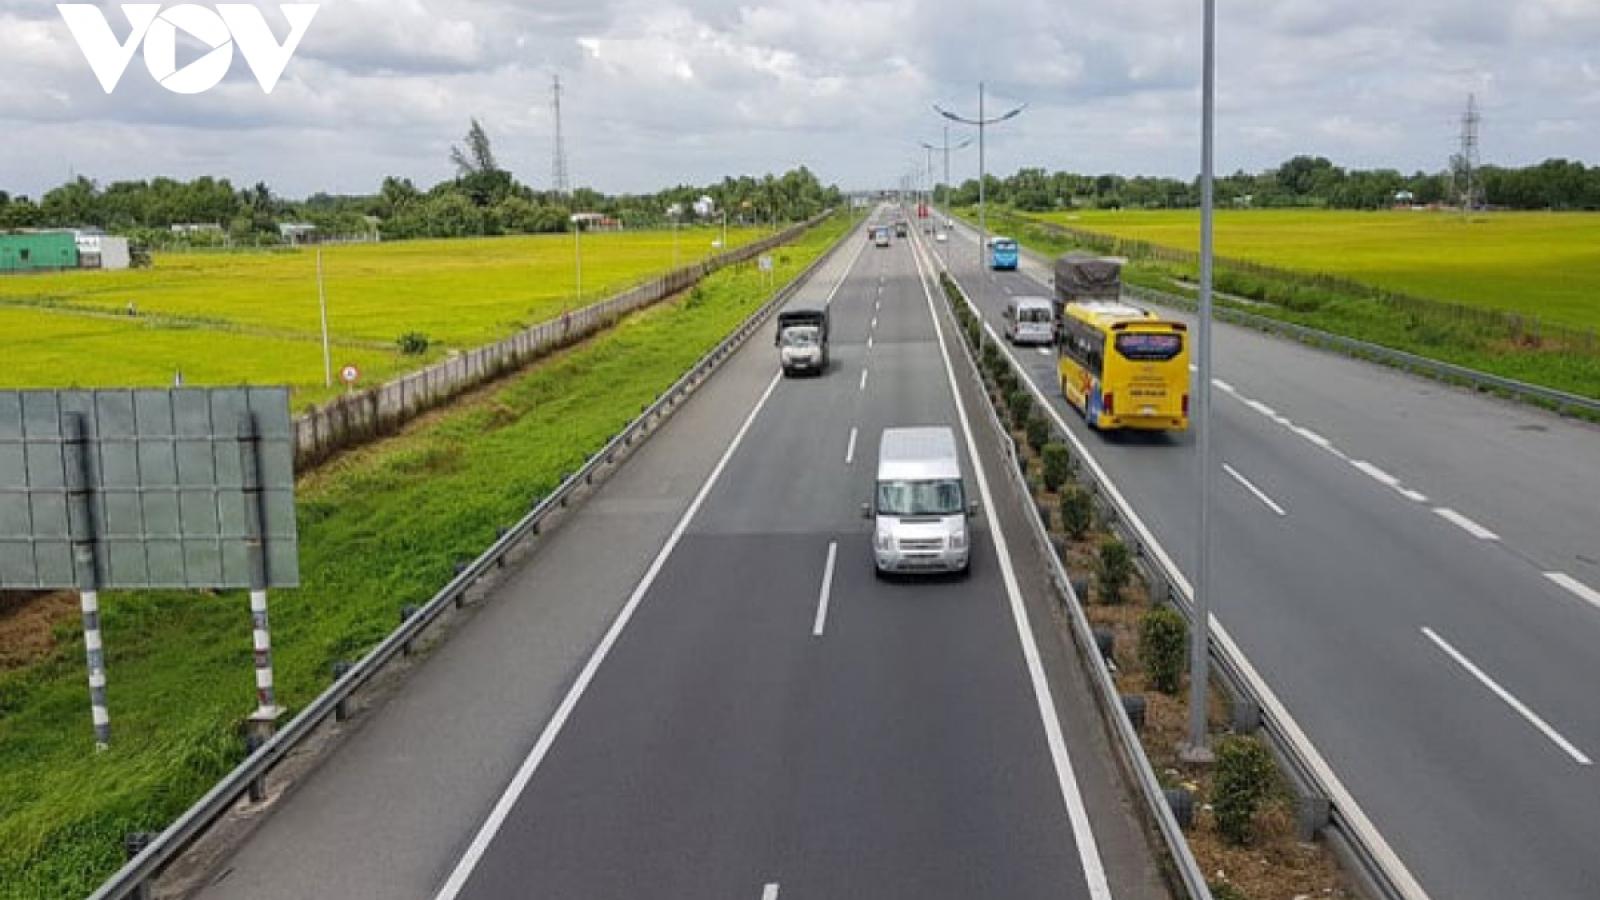 Dự thảo Luật Giao thông đường bộ sửa đổi: Có nên quy định về thu phí trên đường cao tốc?